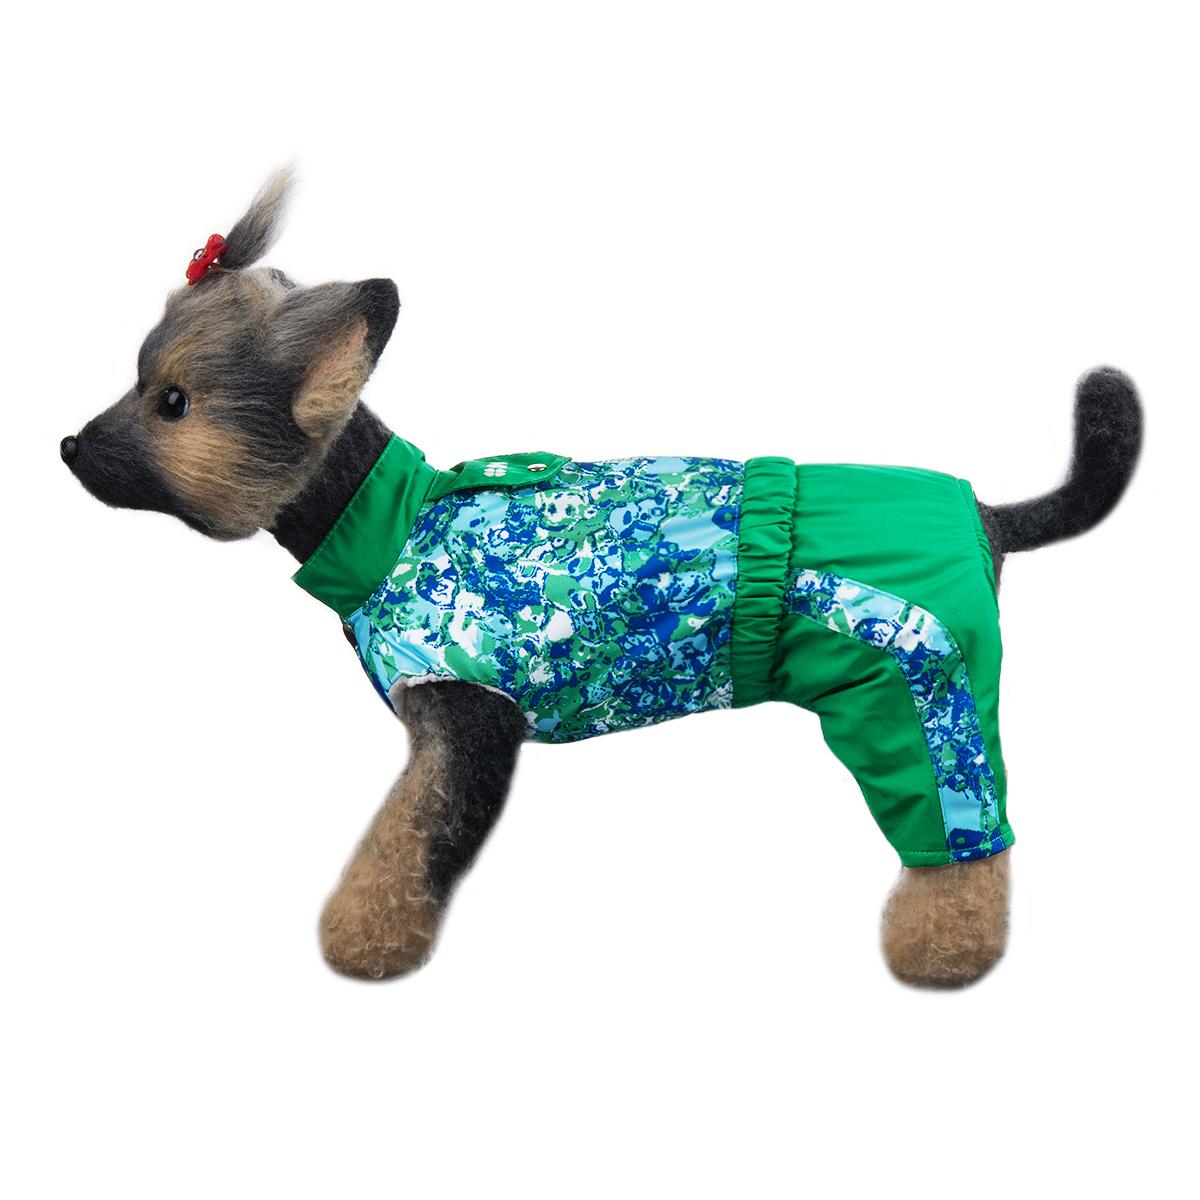 Комбинезон для собак Dogmoda Грин, унисекс, цвет: зеленый, синий, белый. Размер 4 (XL)